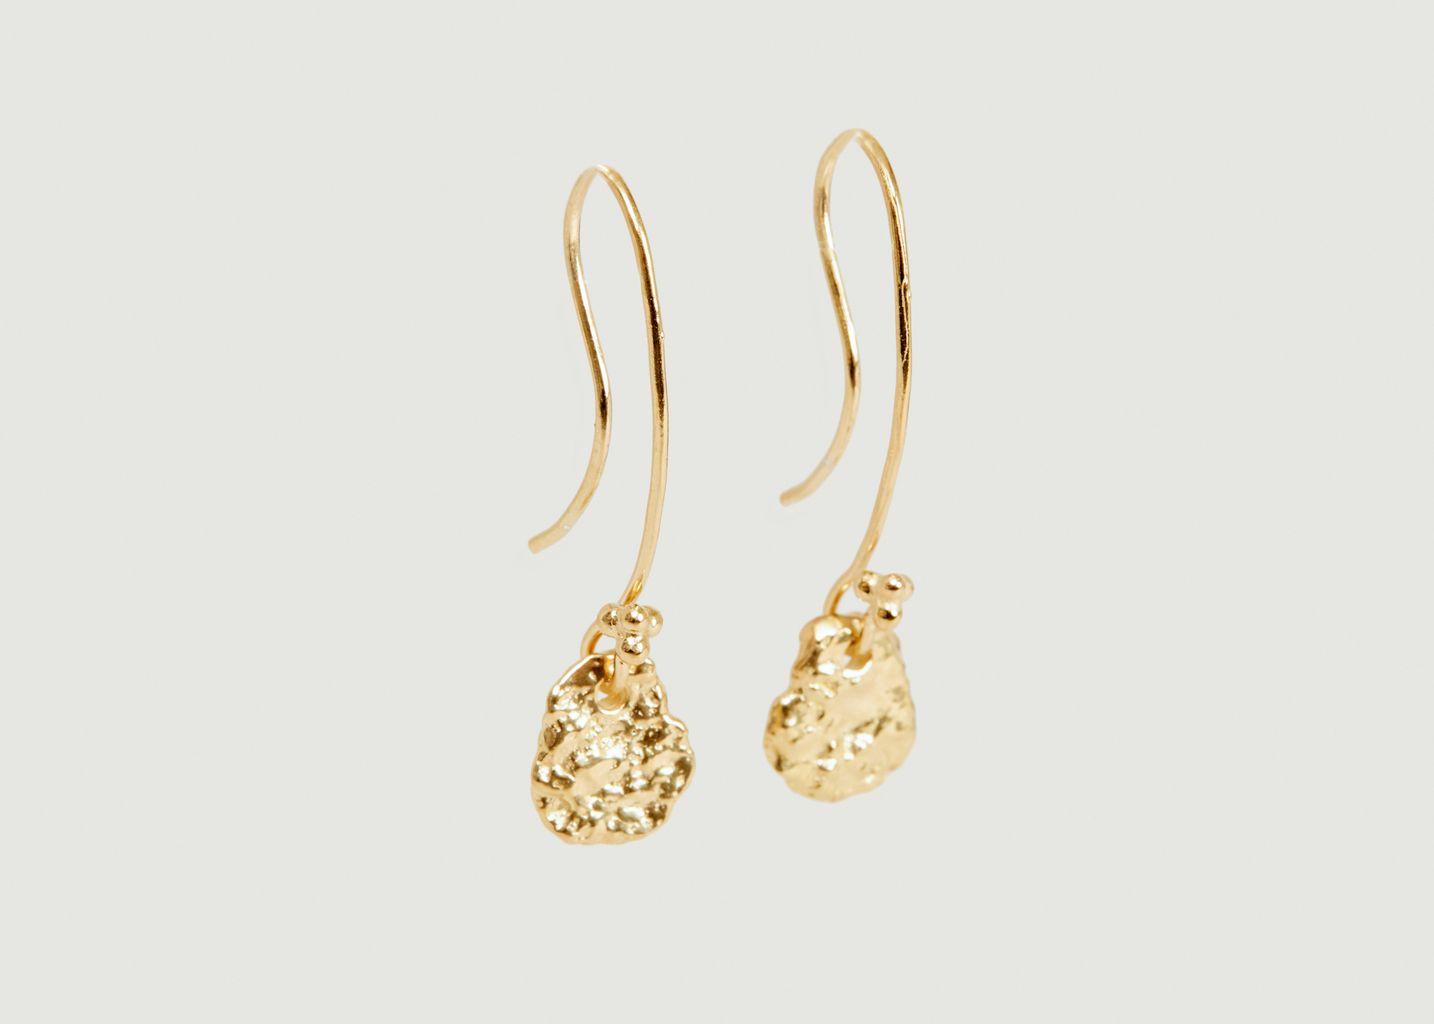 Boucles d'oreilles pendantes en vermeil jaune Ina - Monsieur